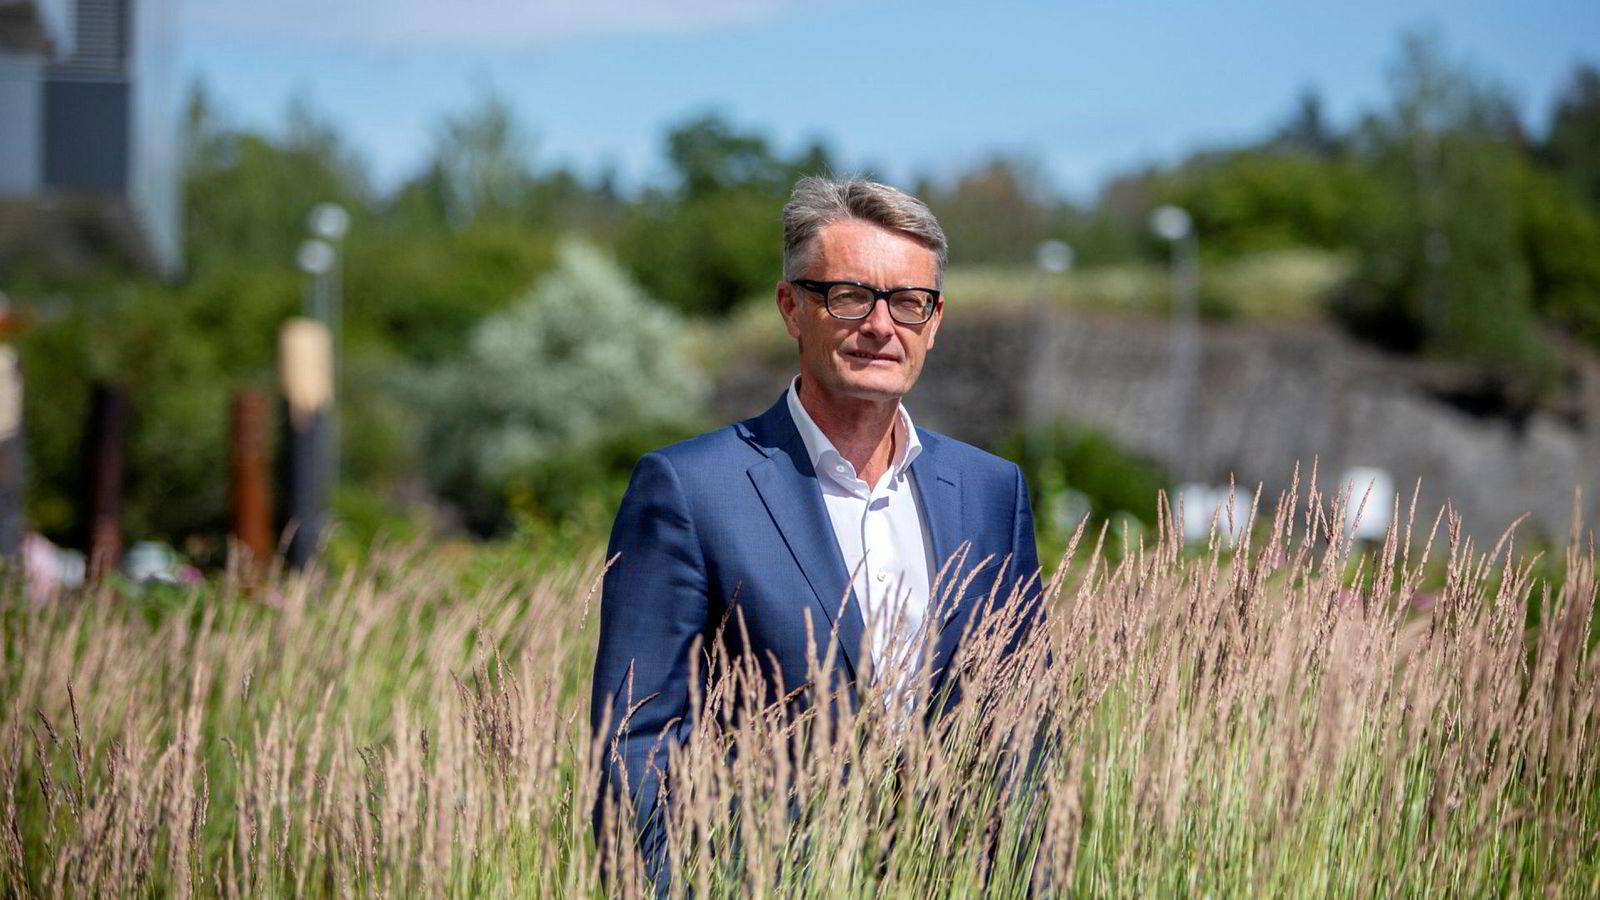 Aker-sjef Øyvind Eriksen mener det er uakseptabelt at Aker BP – der Aker er største eier – og Equinor ikke klarer å bli enig om utvikling av et stort oljefelt i Nordsjøen. I mellomtiden ligger ressursene helt urørt.